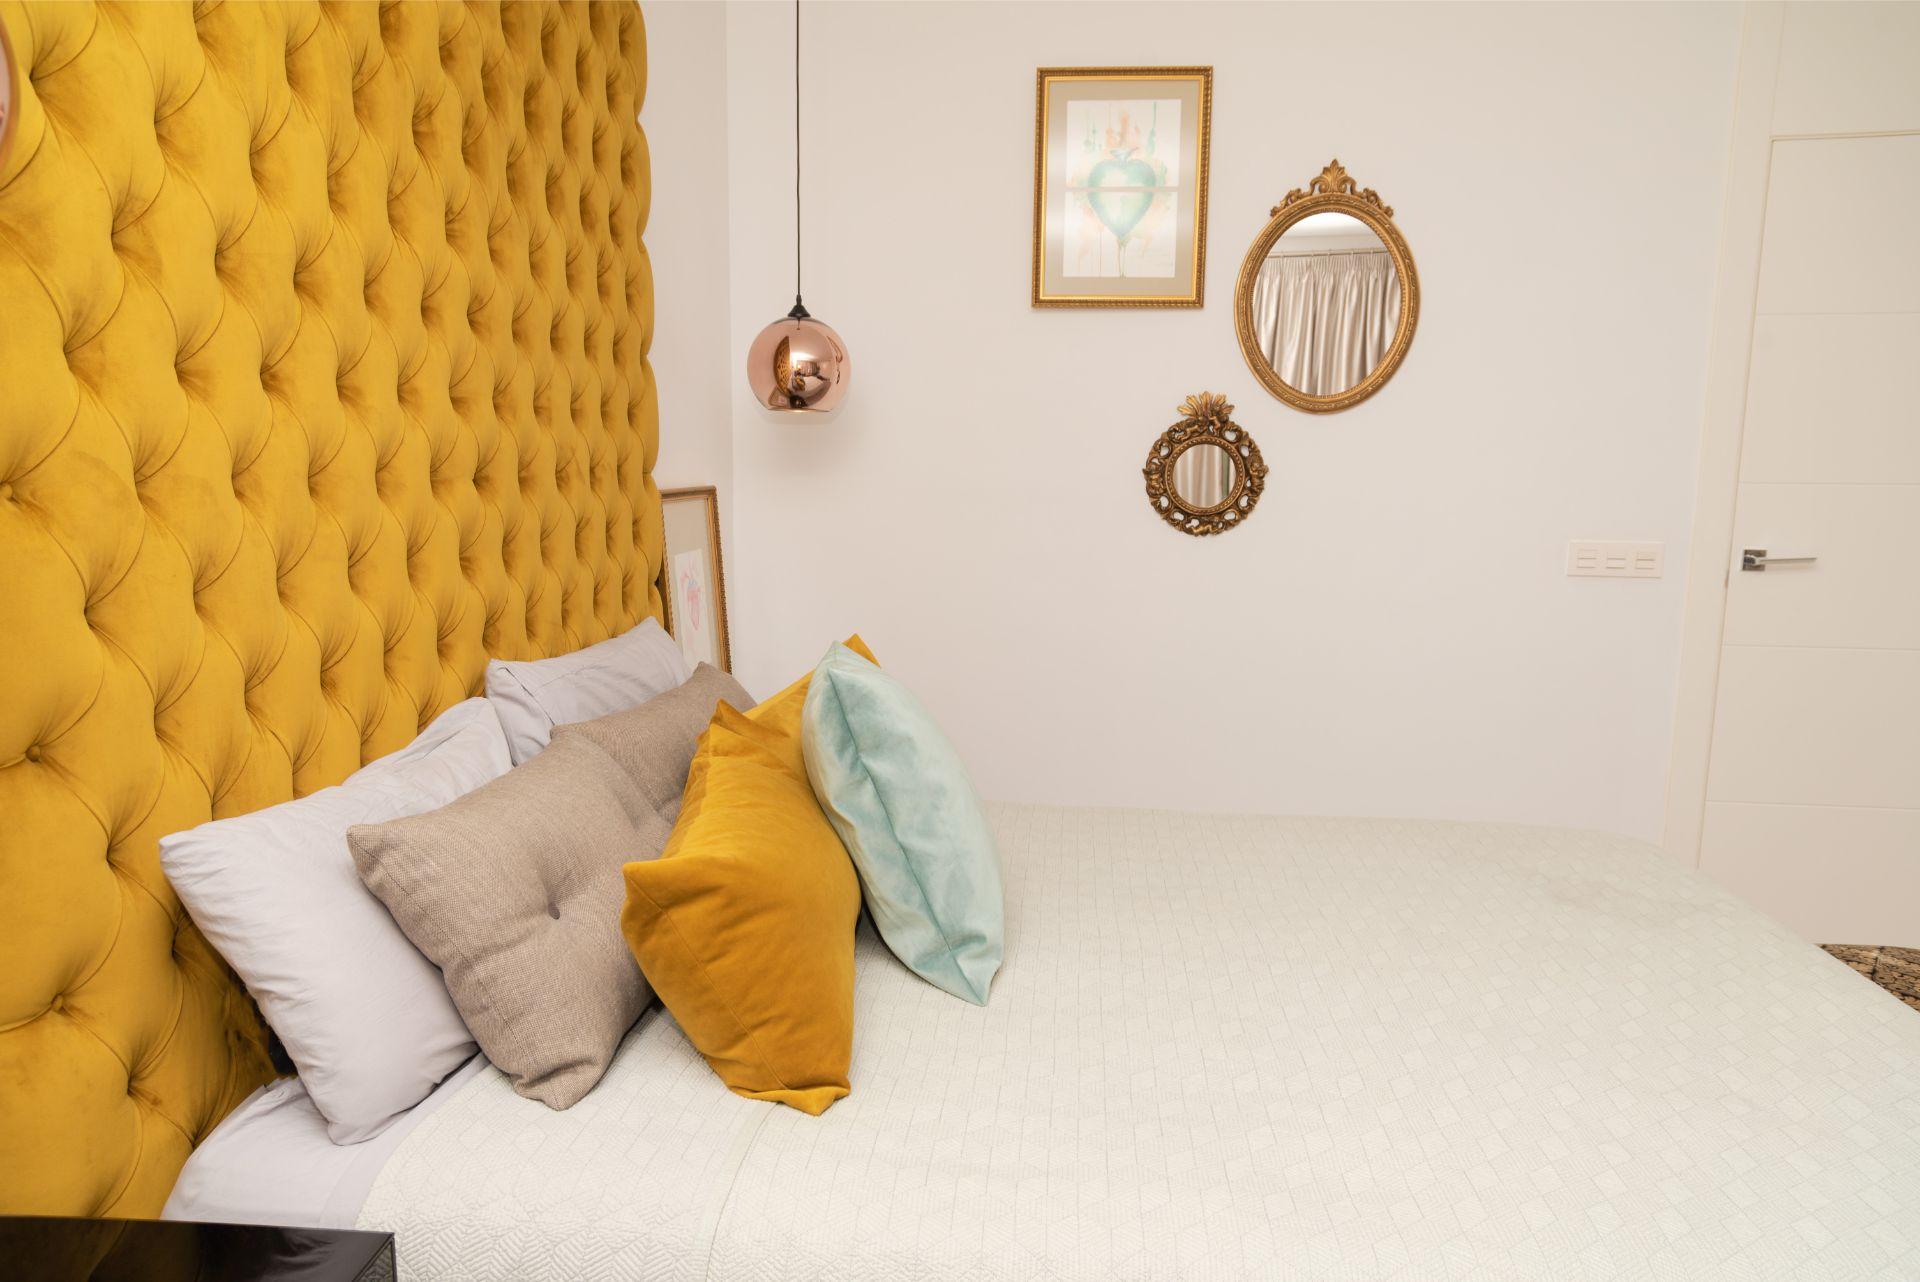 proyecto-interiorismo-interioristas-viviendas-particulares-casas-chalets-diseno-3